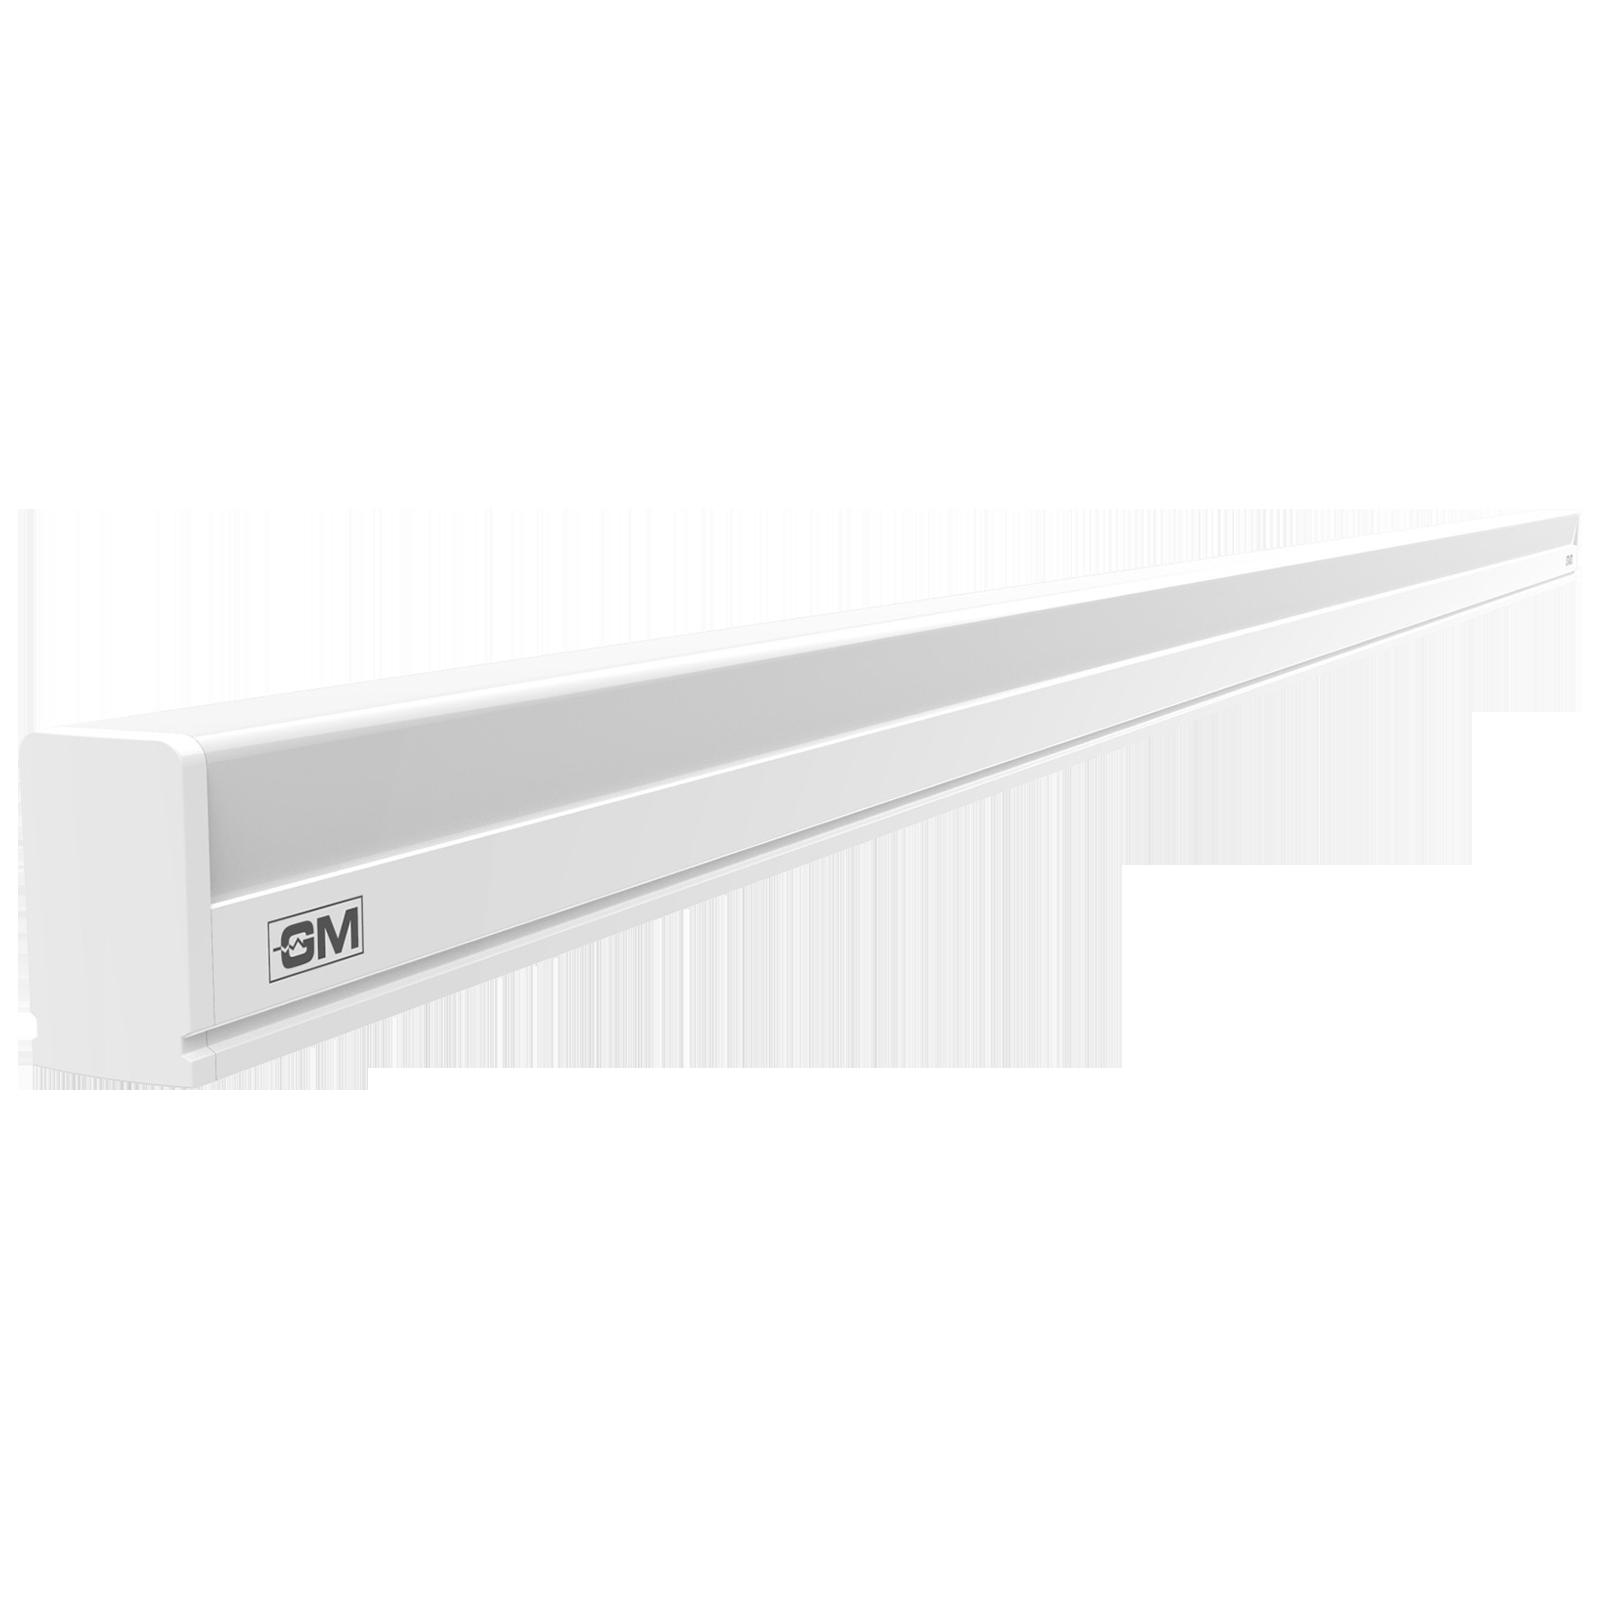 GM Strato 20 Watts LED Tube Light (0397-6500k, White)_1